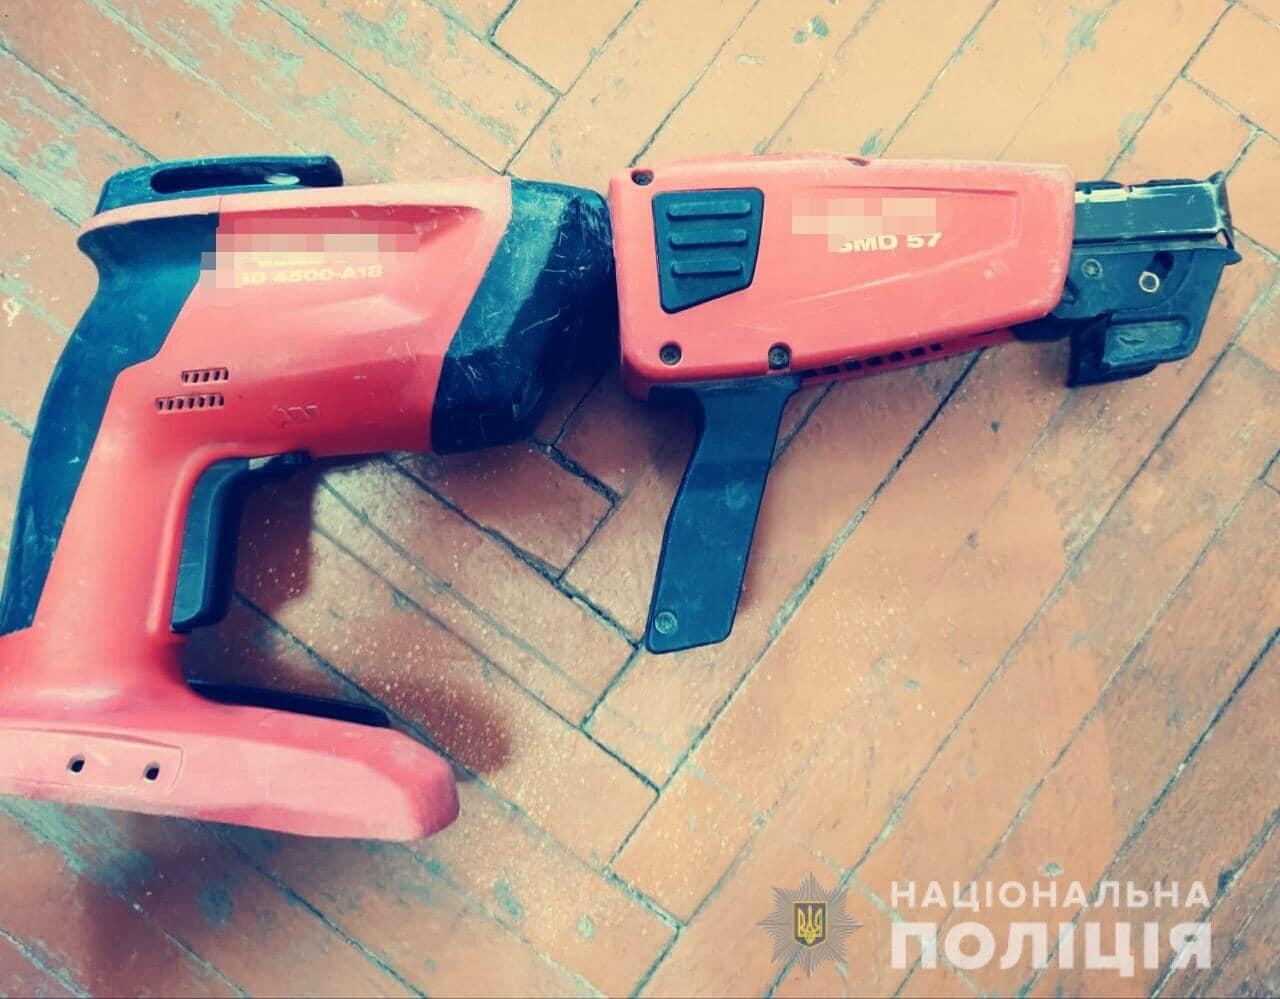 На Білоцерківщині спіймали крадія, що викрав електроінструменти на суму понад 80 тисяч грн - крадіжка, Білоцерківщина - 2 4